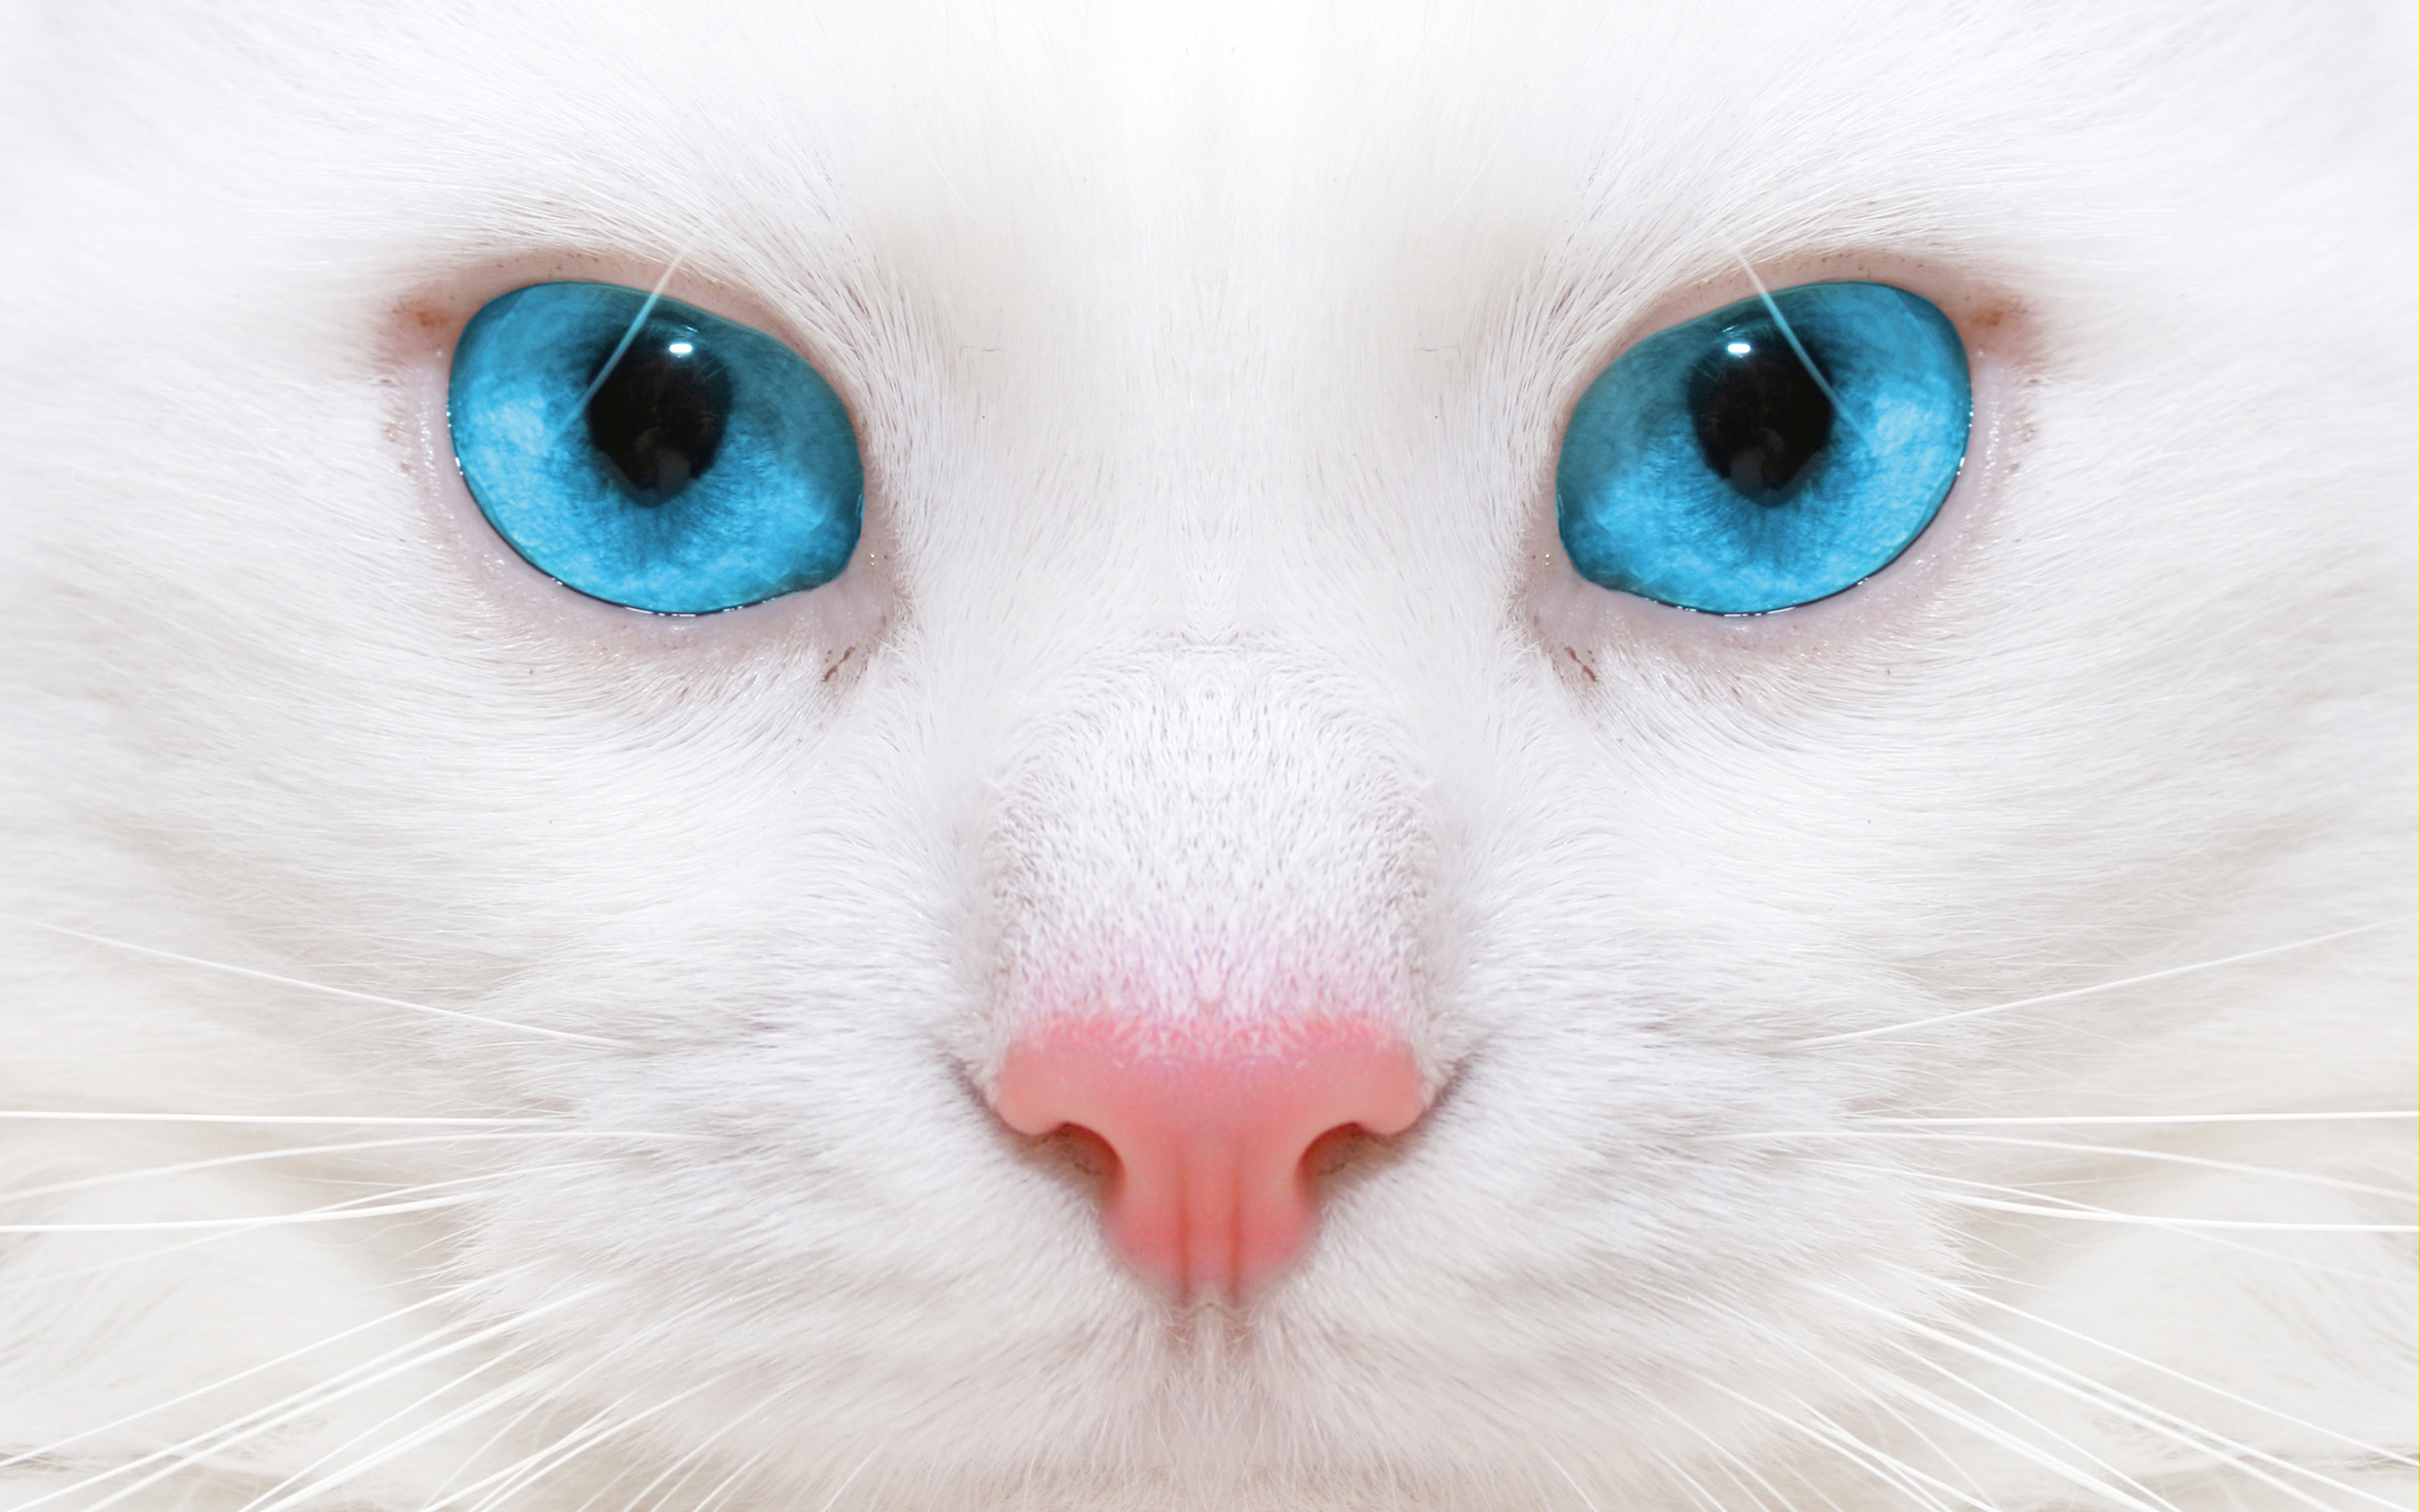 кот глаза стол бесплатно